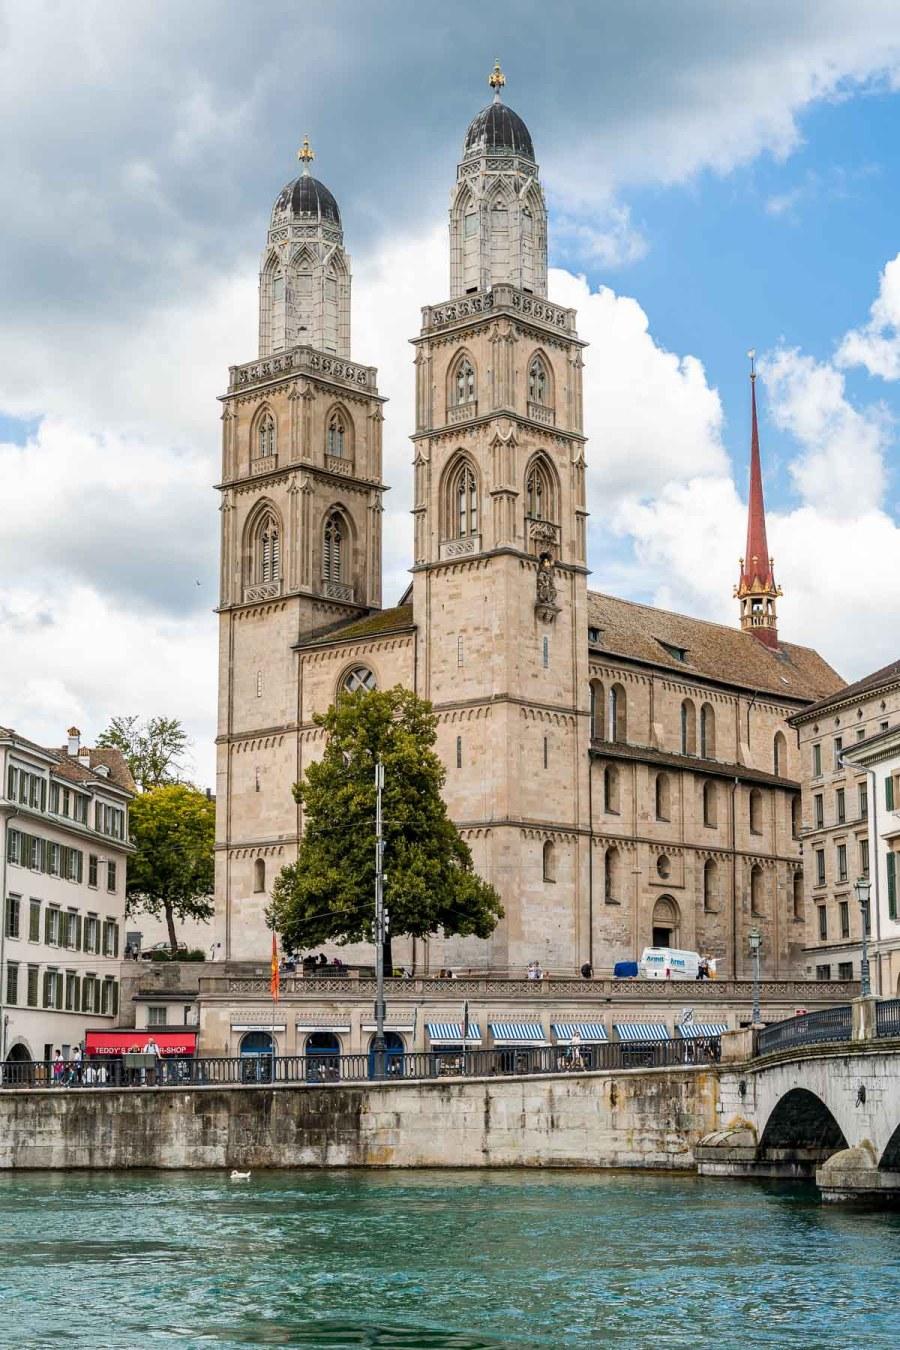 Grossmünster in Zurich, Switzerland